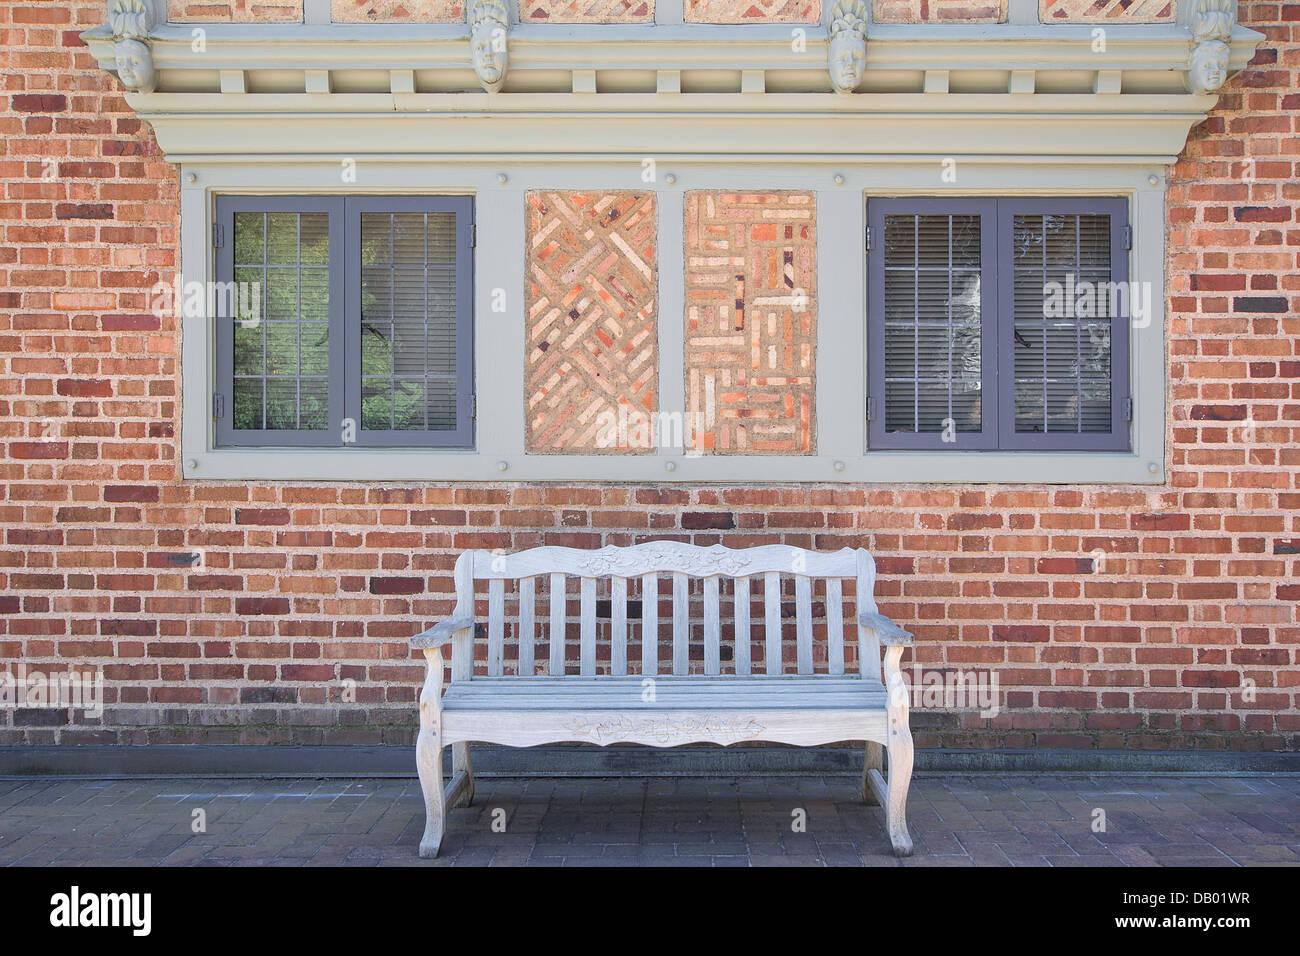 Panche In Muratura Per Esterni.Casa Mattoni Esterno Con Windows Frame Design In Muratura E Legno